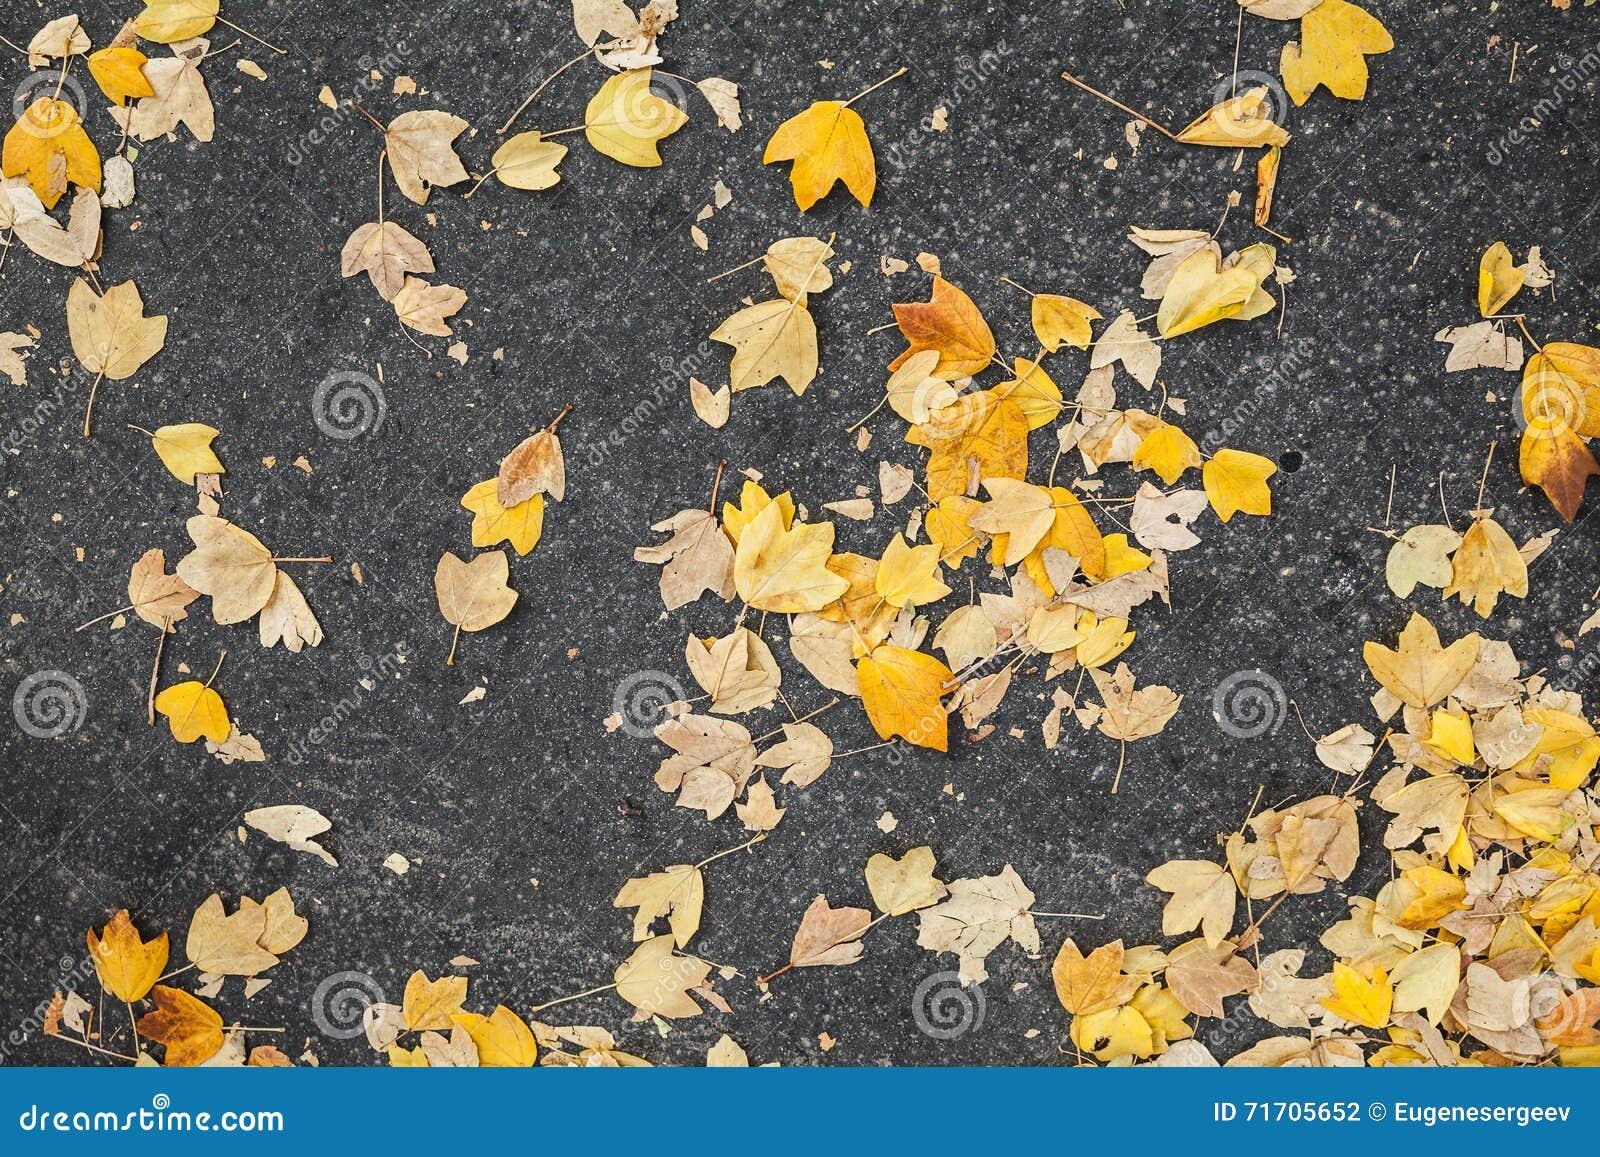 Färben Sie Die Gefallenen Herbstlichen Blätter Gelb, Die Auf ...